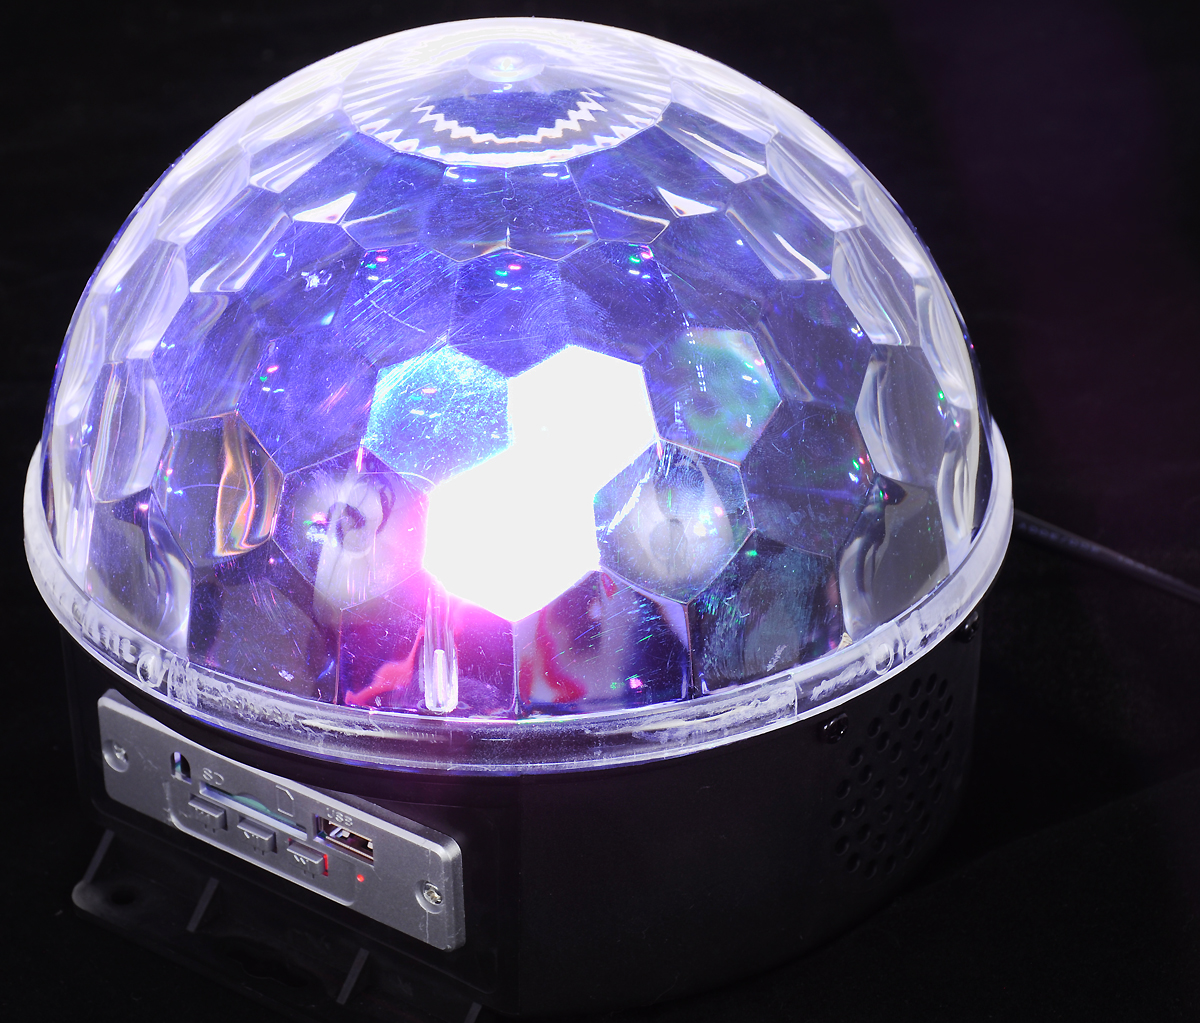 Светильник декоративный Vegas Диско-шар, 220V55106Предназначение: светодиодный шар применяется для создания эффекта светомузыки.